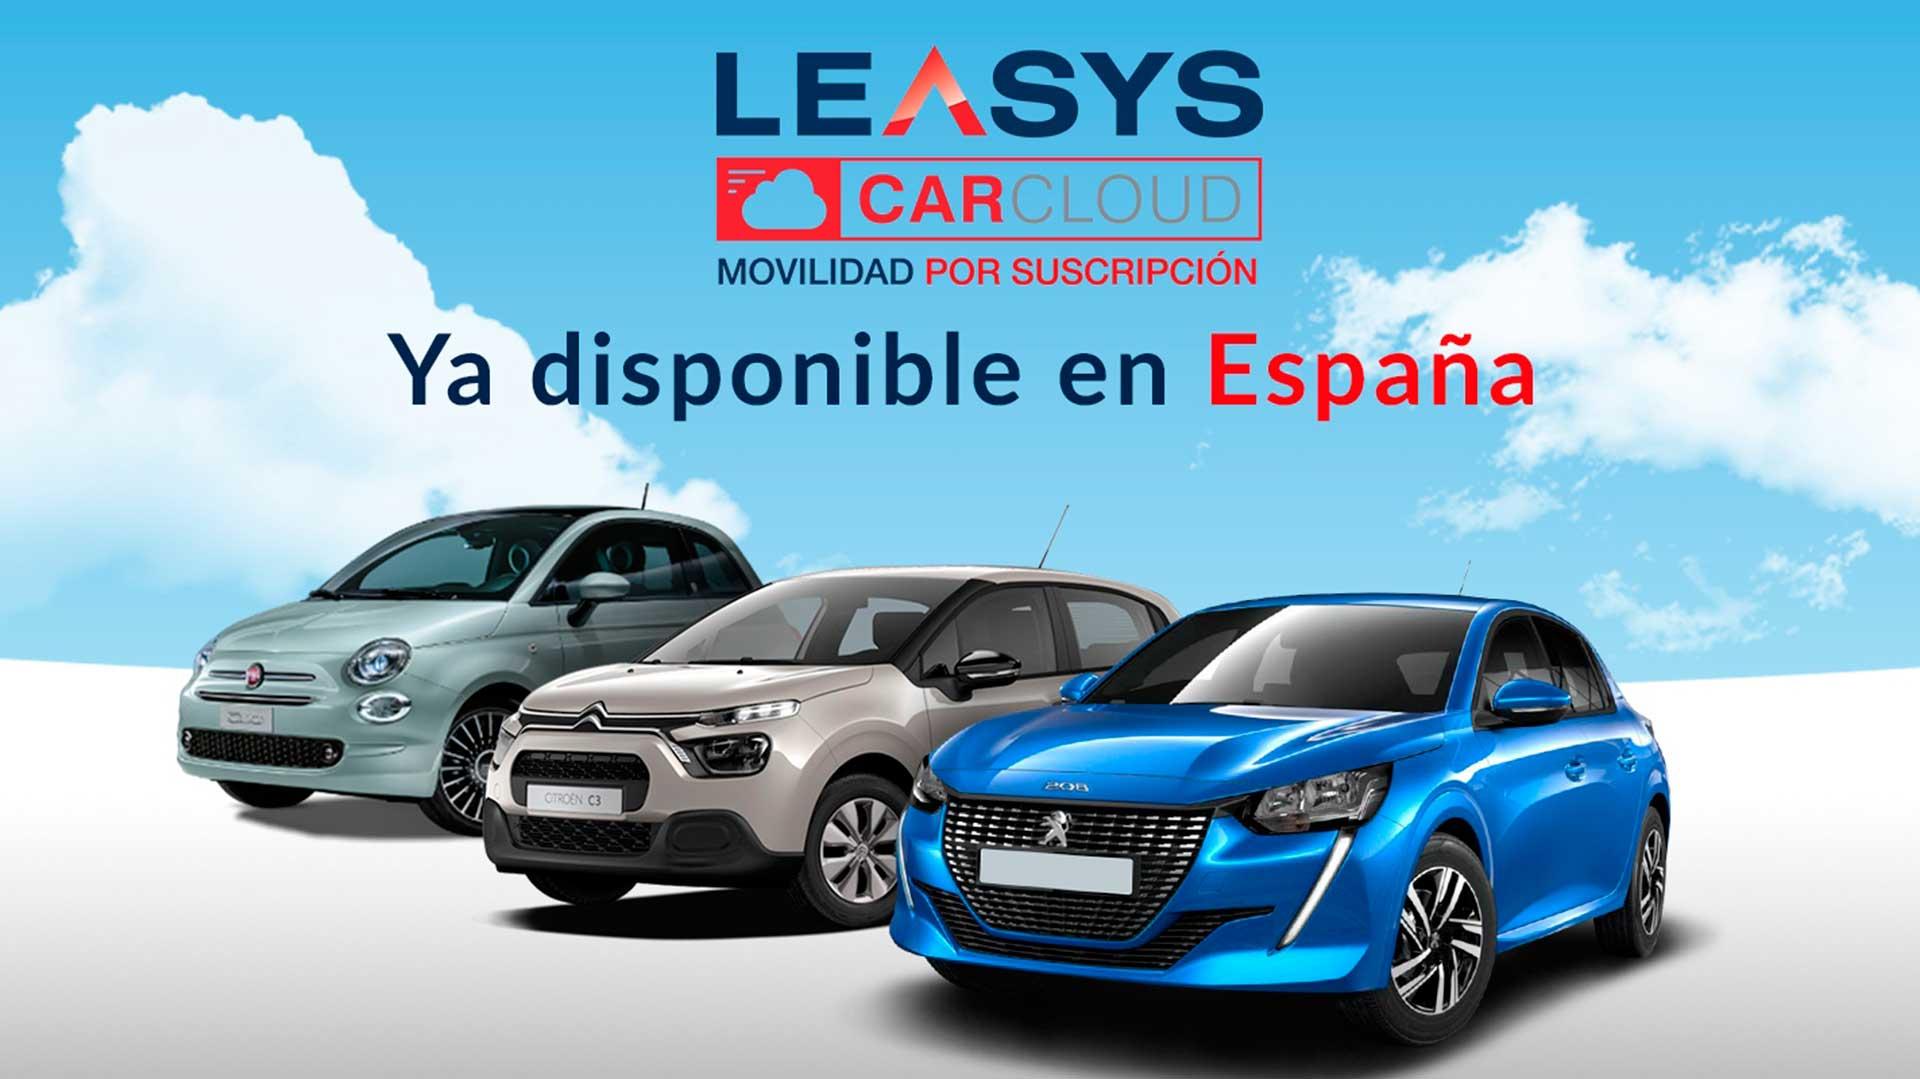 Leasys CarCloud: así es el servicio de coche por suscripción de Stellantis